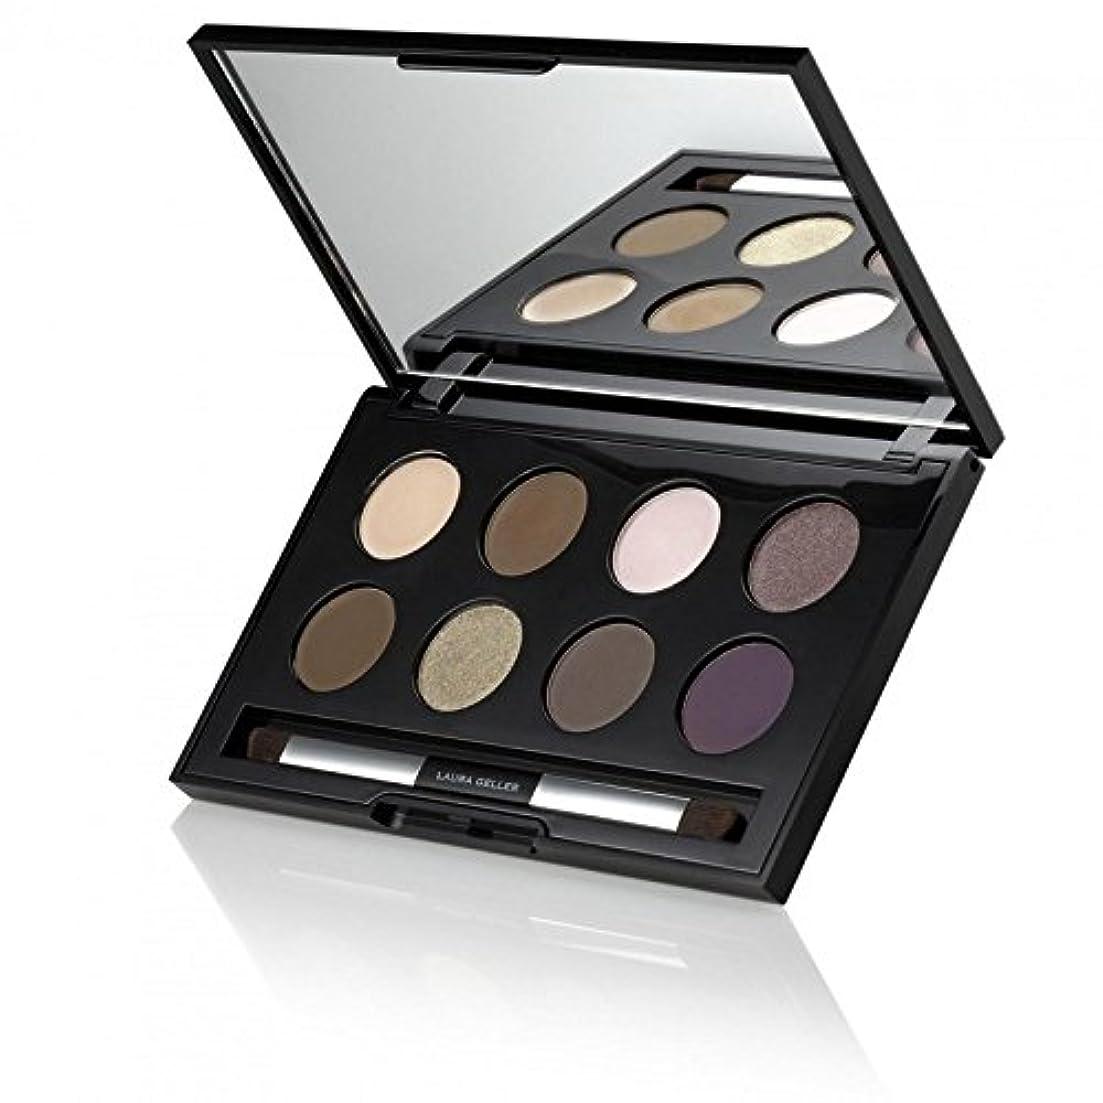 逮捕幾何学贅沢Laura Geller Creme Glaze Baked Eyeshadow Palette With Double-Ended Brush (Pack of 6) - ローラ?ゲラーは、ダブルエンドブラシで焼いたアイシャドウパレットを釉薬 x6 [並行輸入品]